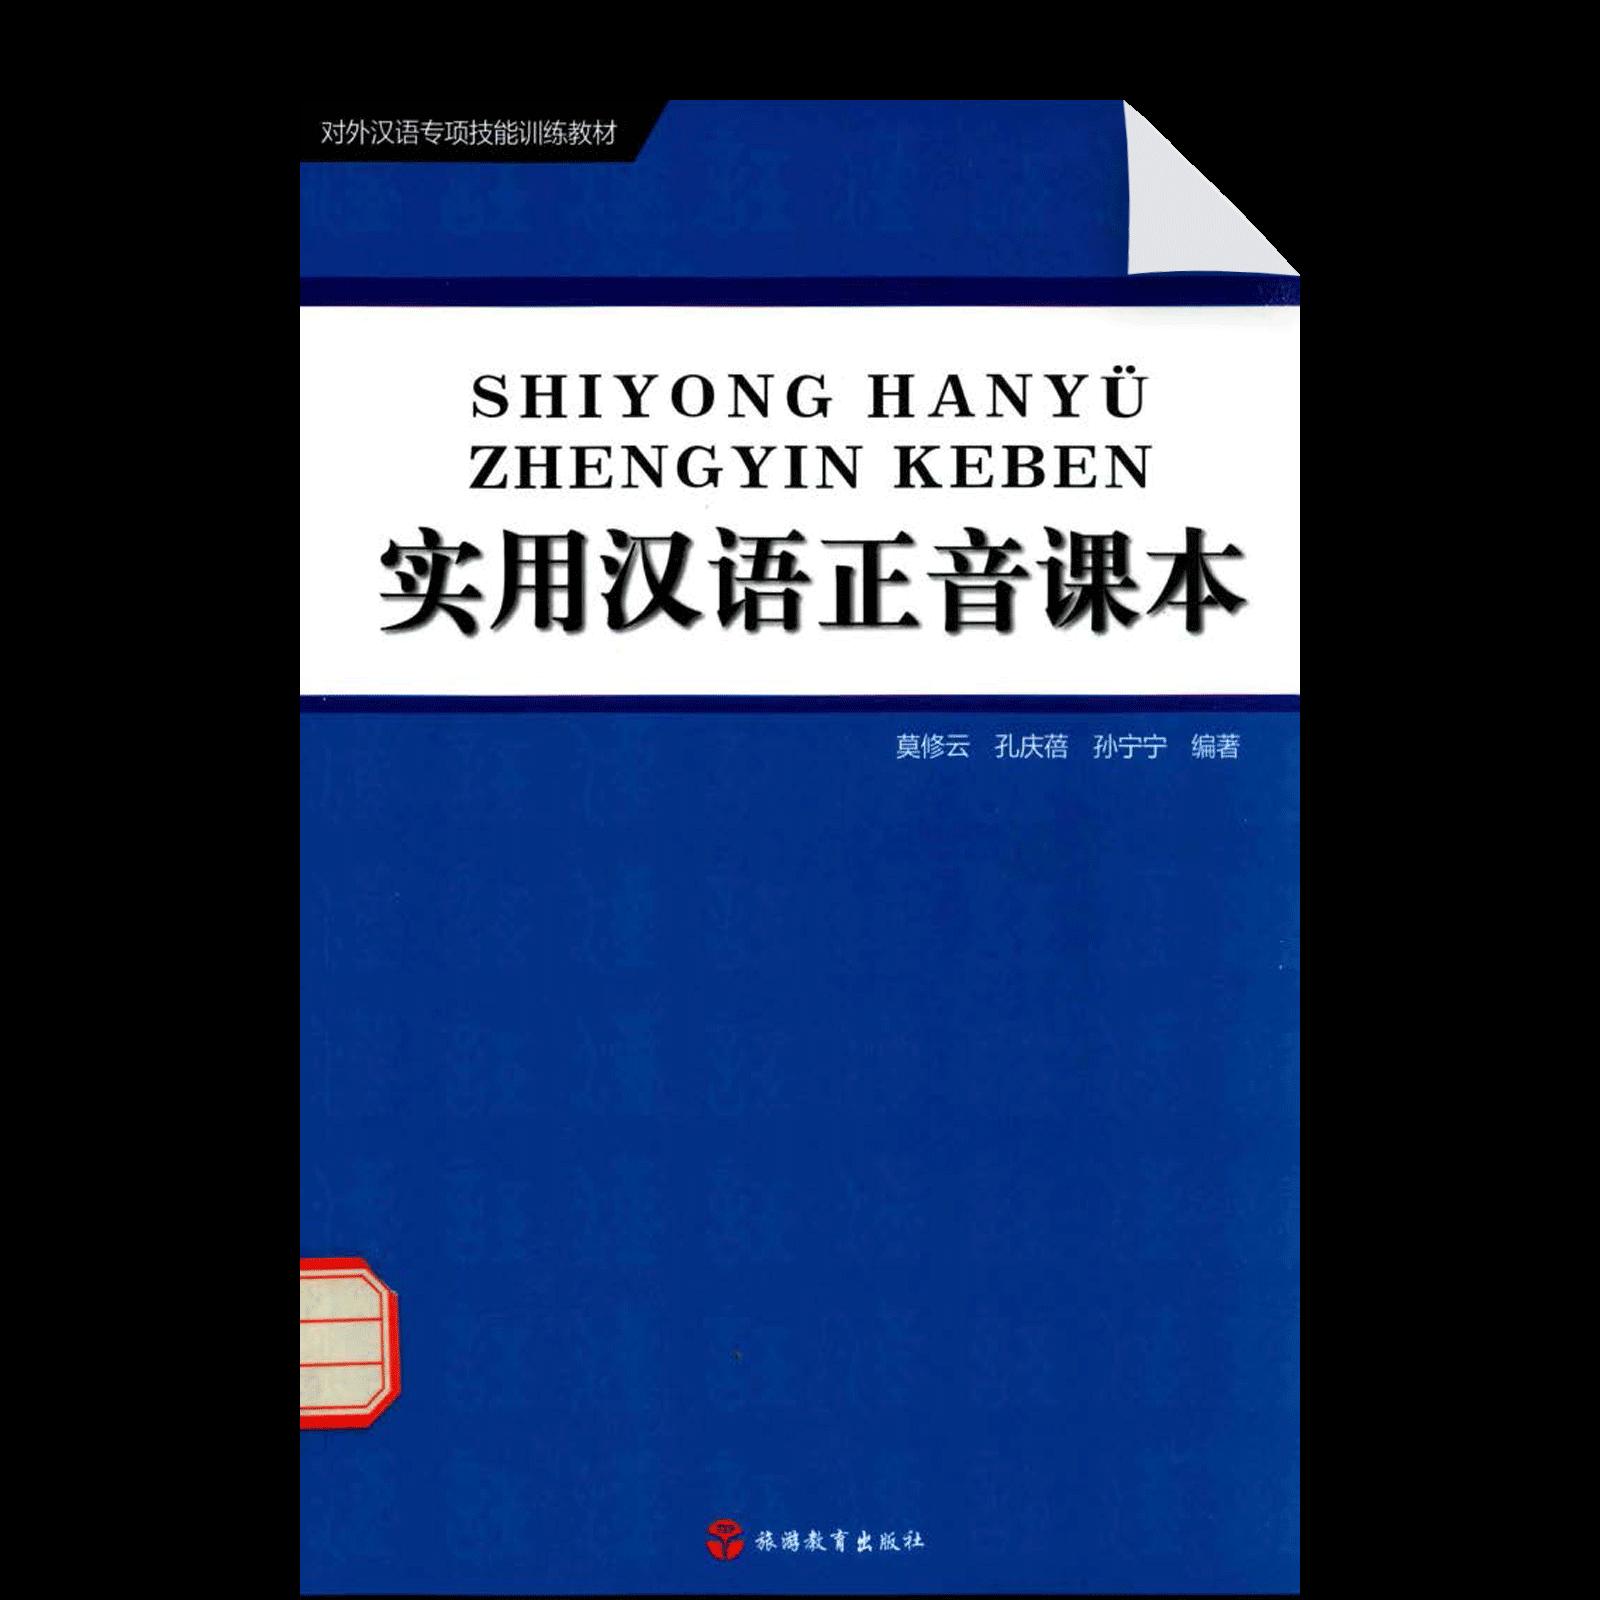 Shiyong Hanyu Zhengyin Keben